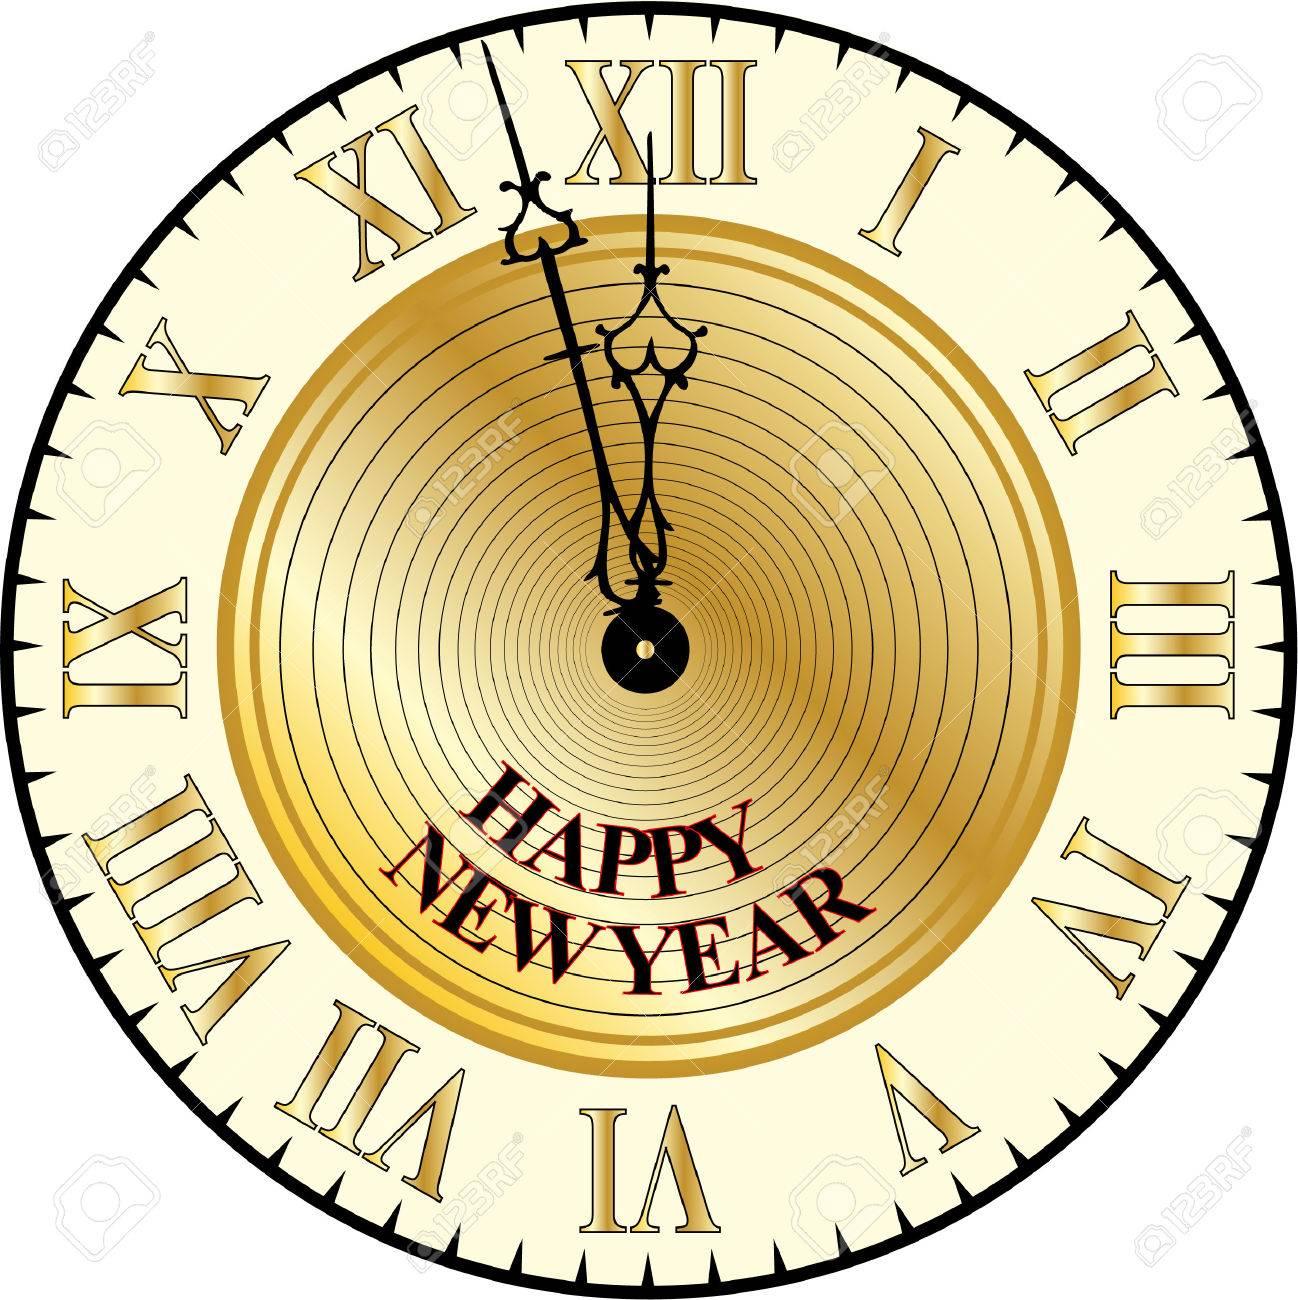 HAPPY NEW YEAR CLOCK.